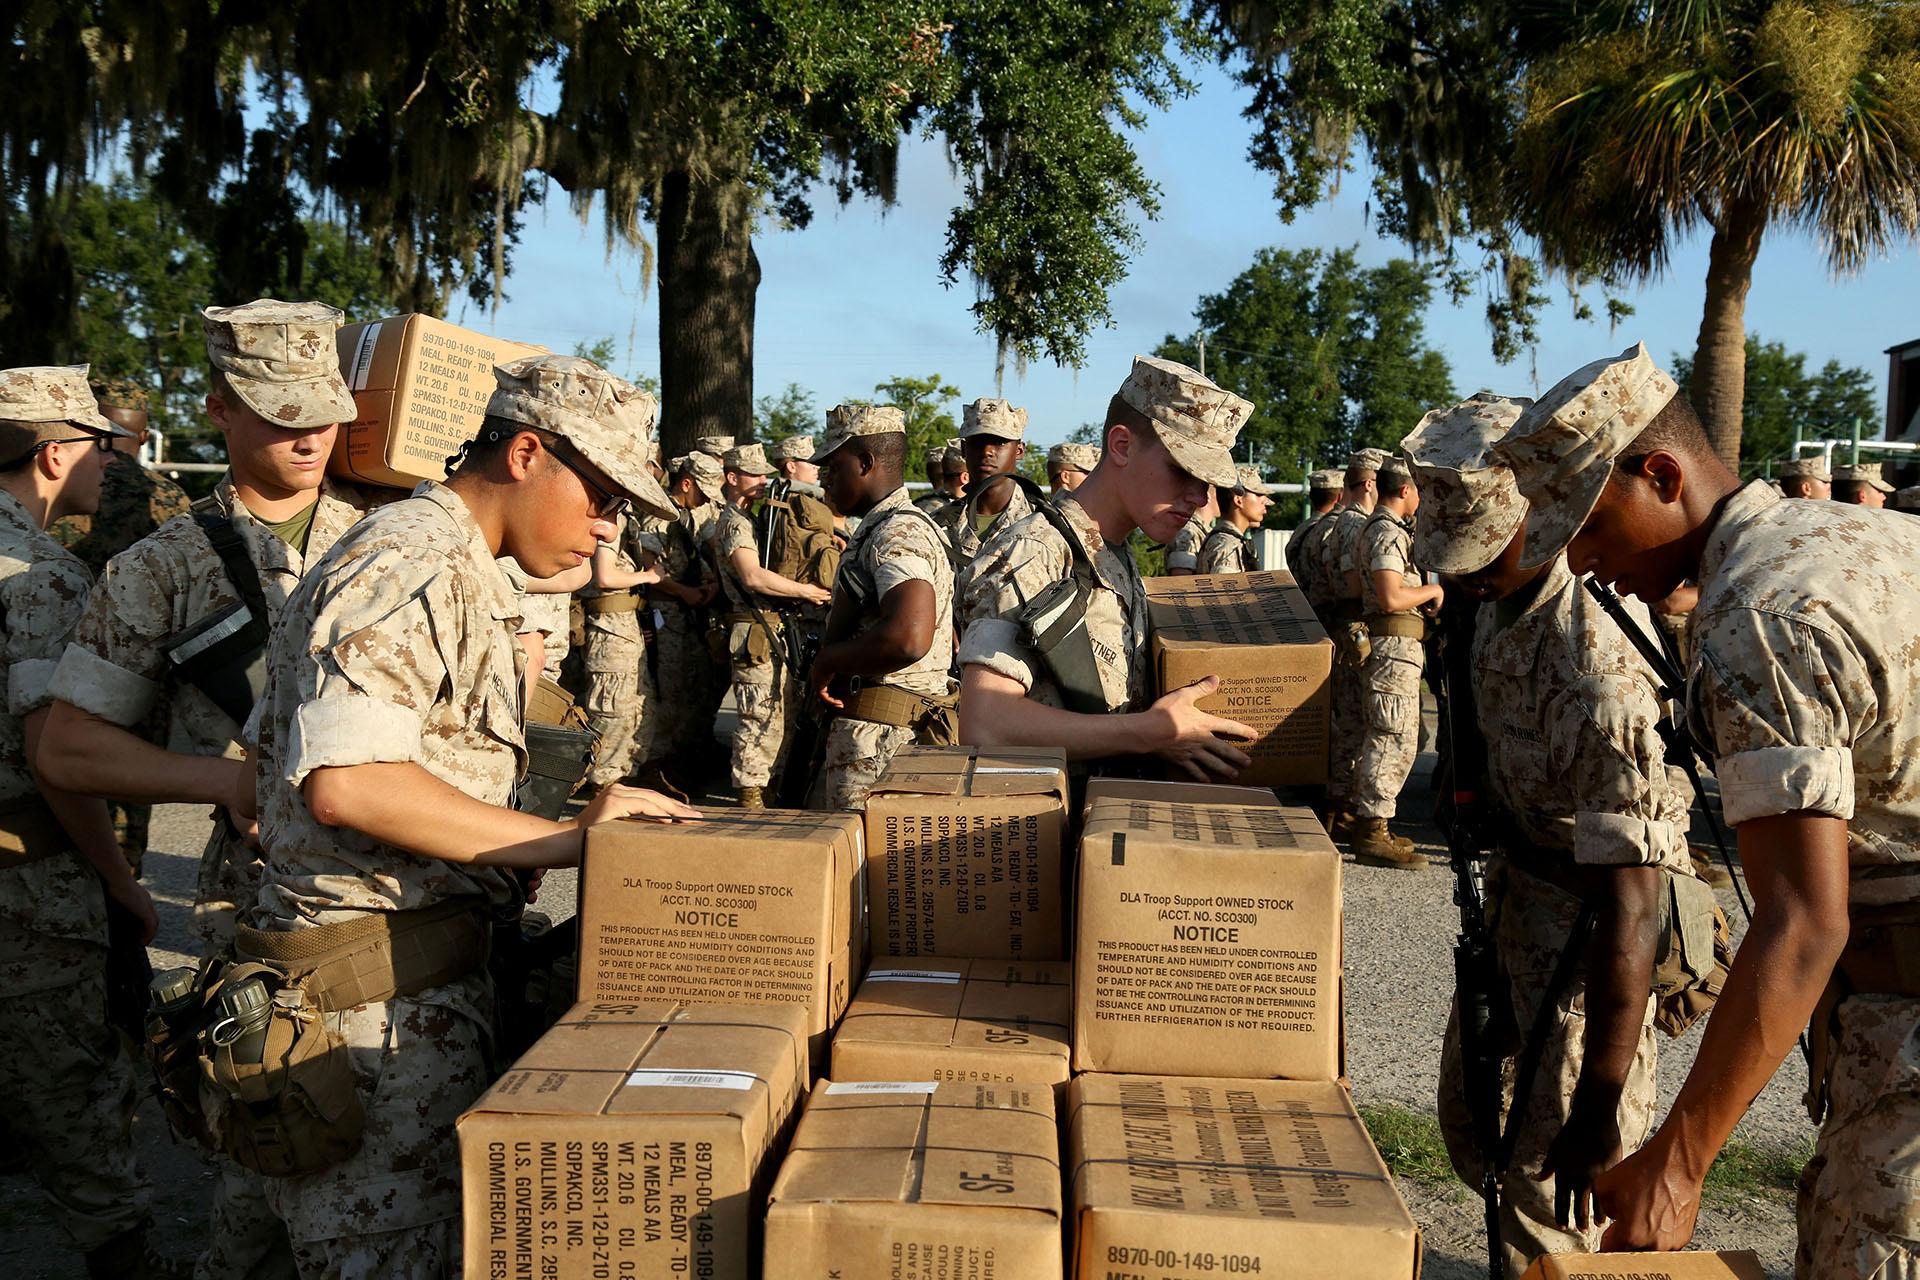 El Cuerpo de Marines de los Estados Unidos en Parris Island en preparativos para evacuación (REUTERS)